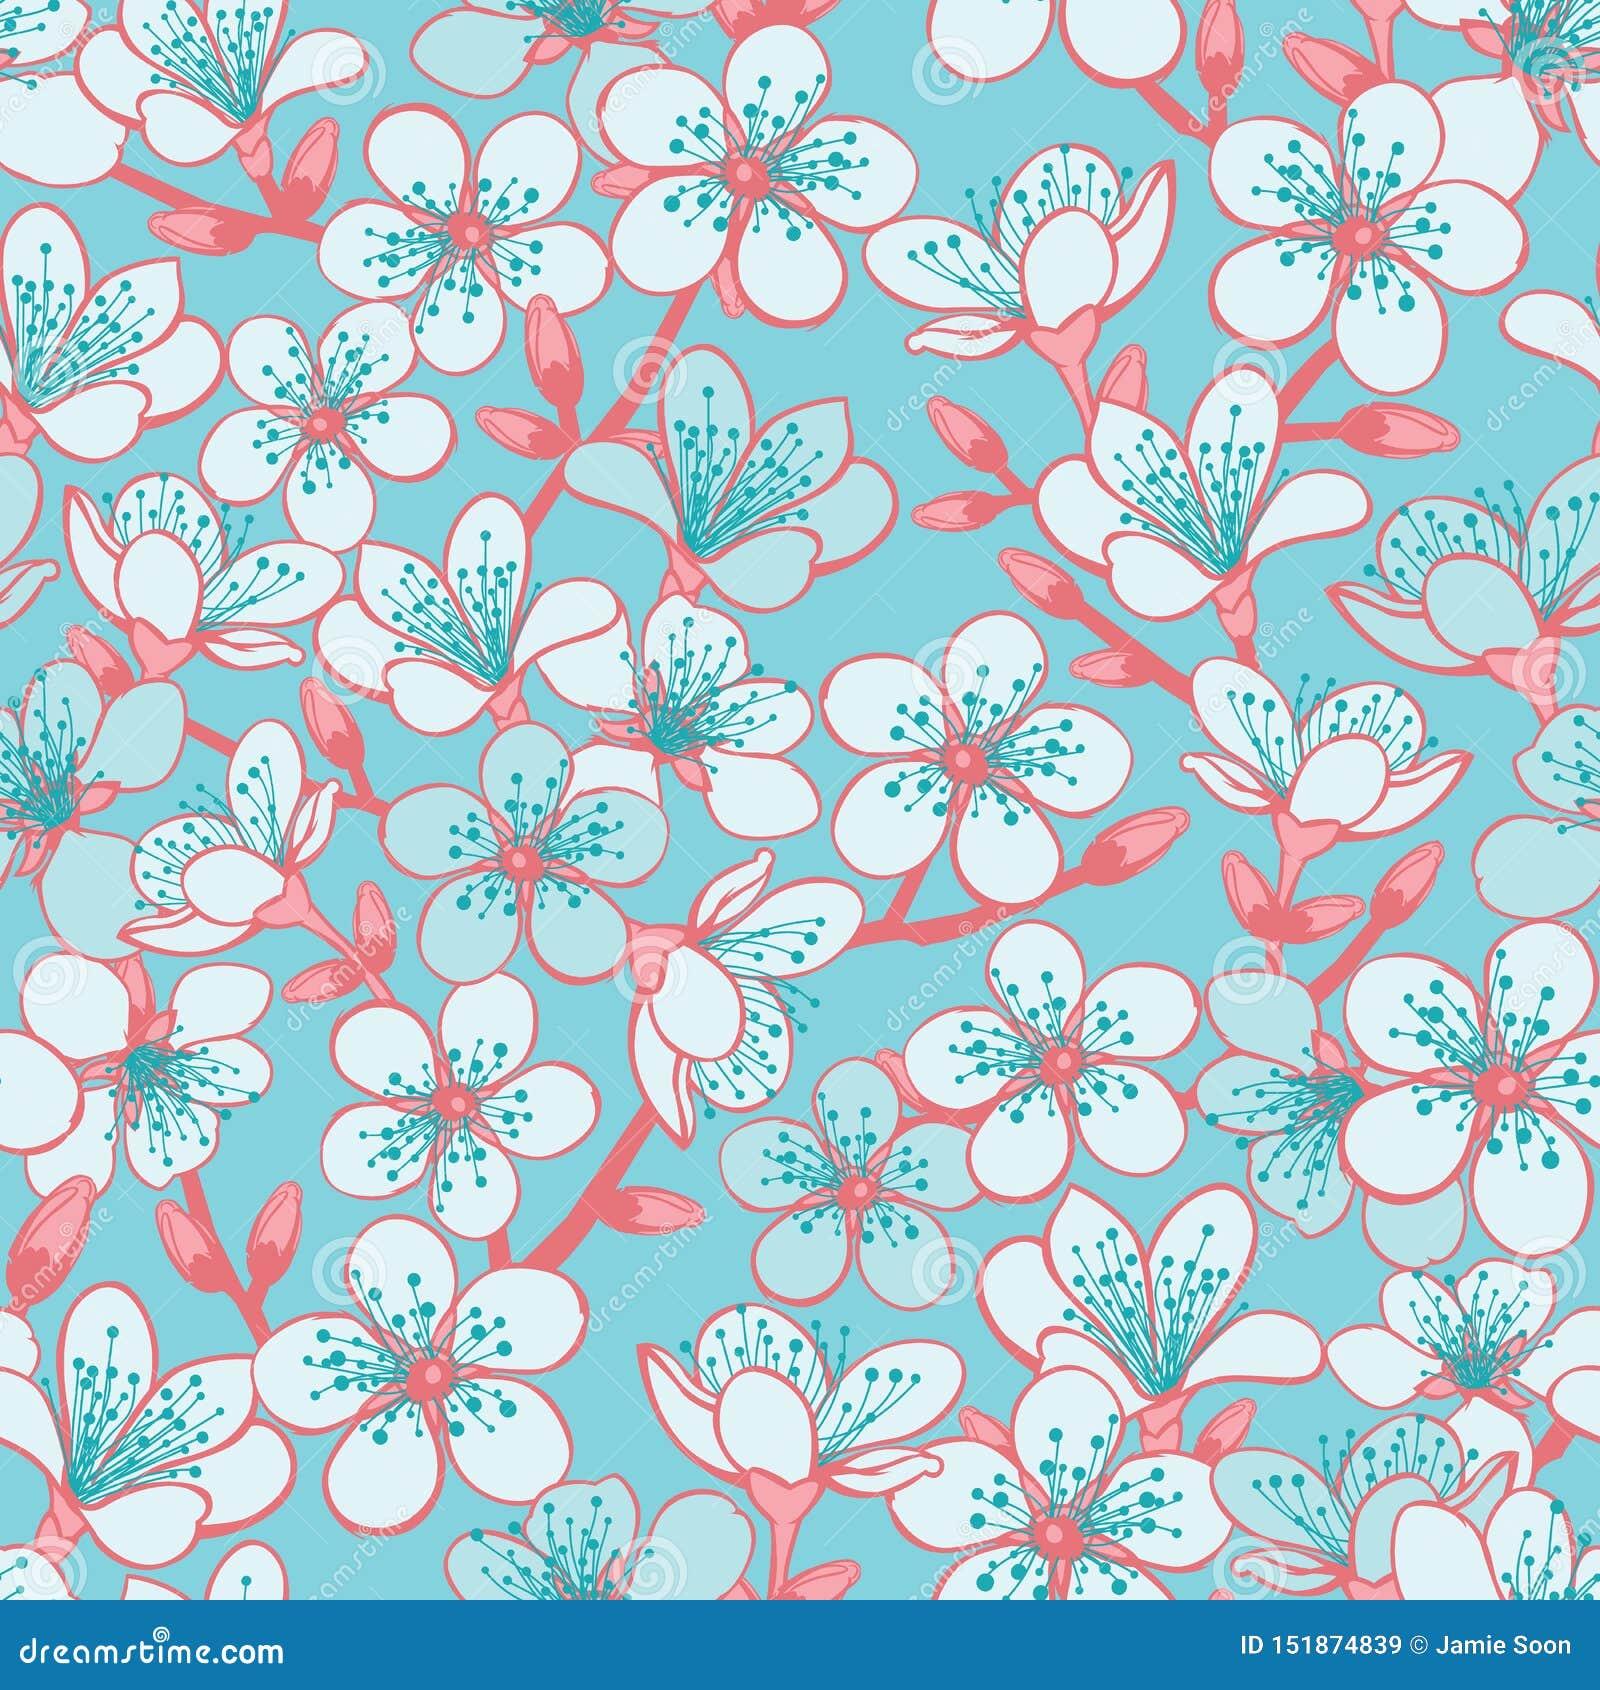 Το διανυσματικό κυανό υπόβαθρο κρητιδογραφιών με το ανοικτό μπλε sakura ανθών κερασιών ανθίζει και κόκκινο υπόβαθρο σχεδίων μίσχω